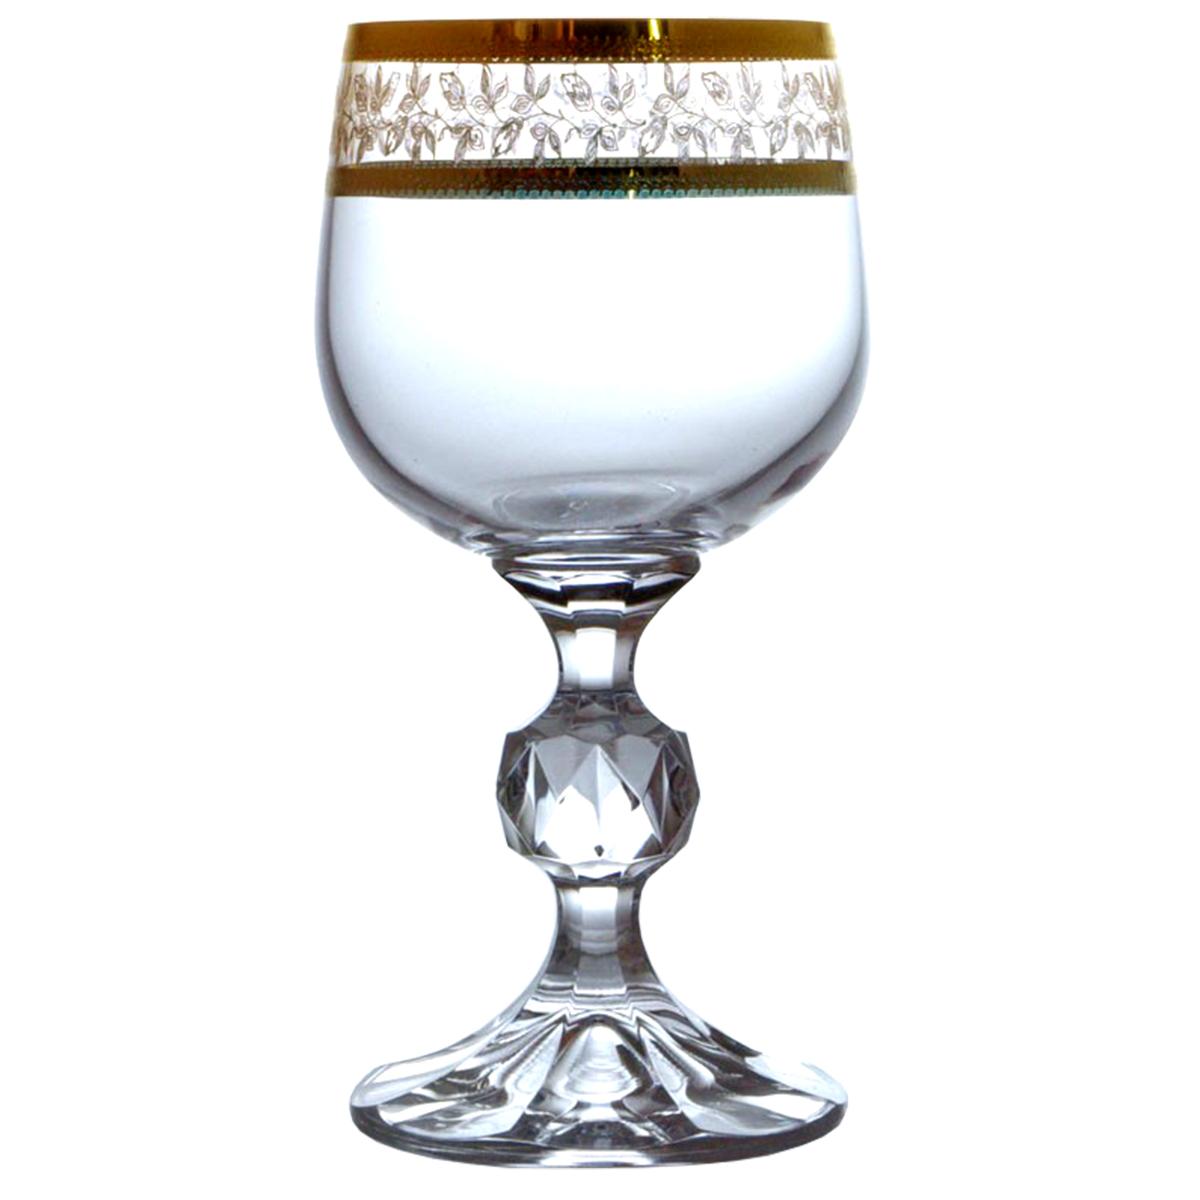 Набор бокалов для вина Bohemia Crystal Клаудия, 230 мл, 6 шт. 40149/43081/230 набор бокалов для бренди коралл 40600 q8105 400 анжела